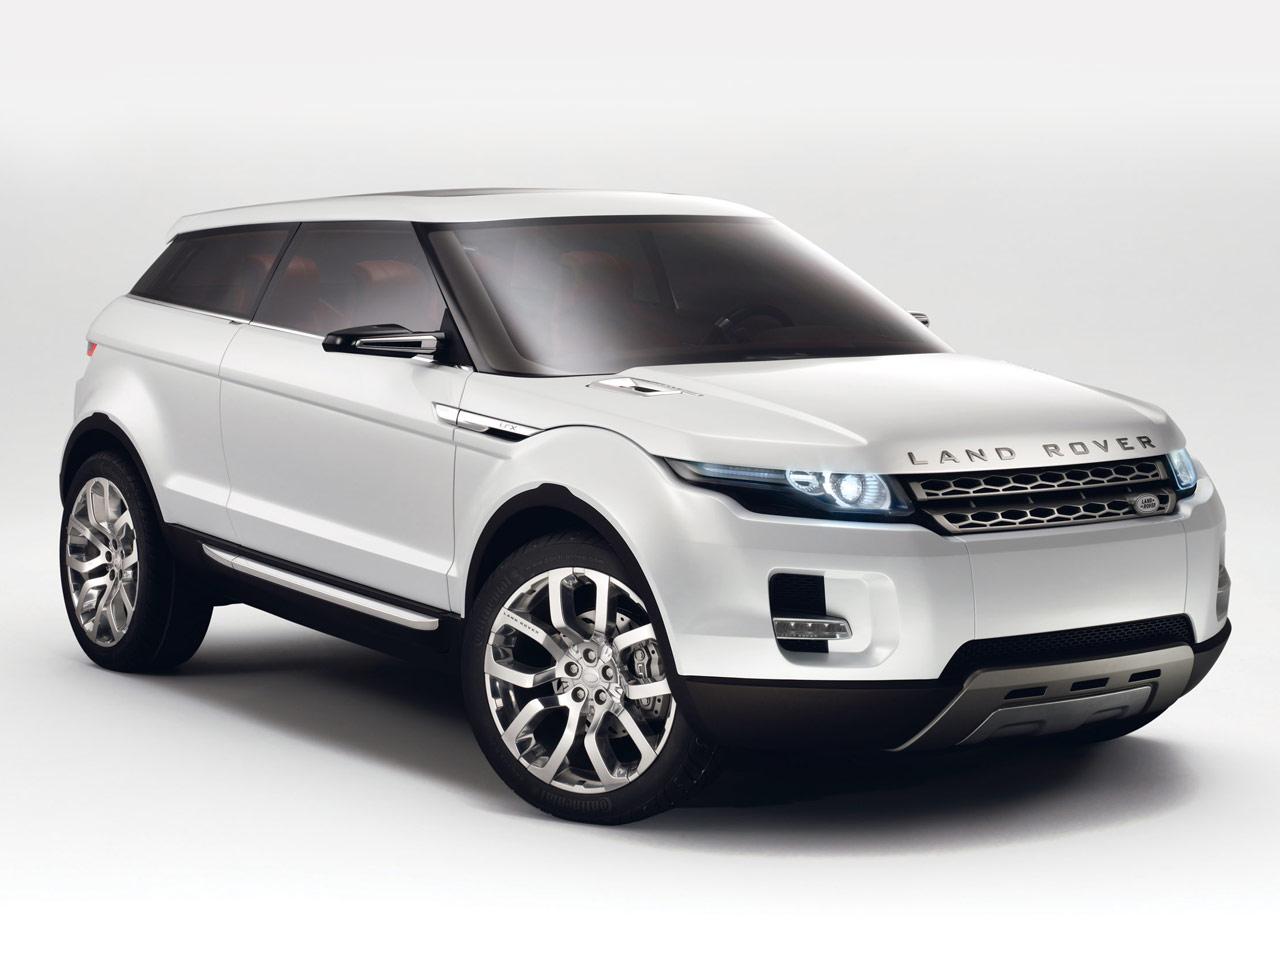 latest cars models 2012 2011 land rover lrx. Black Bedroom Furniture Sets. Home Design Ideas